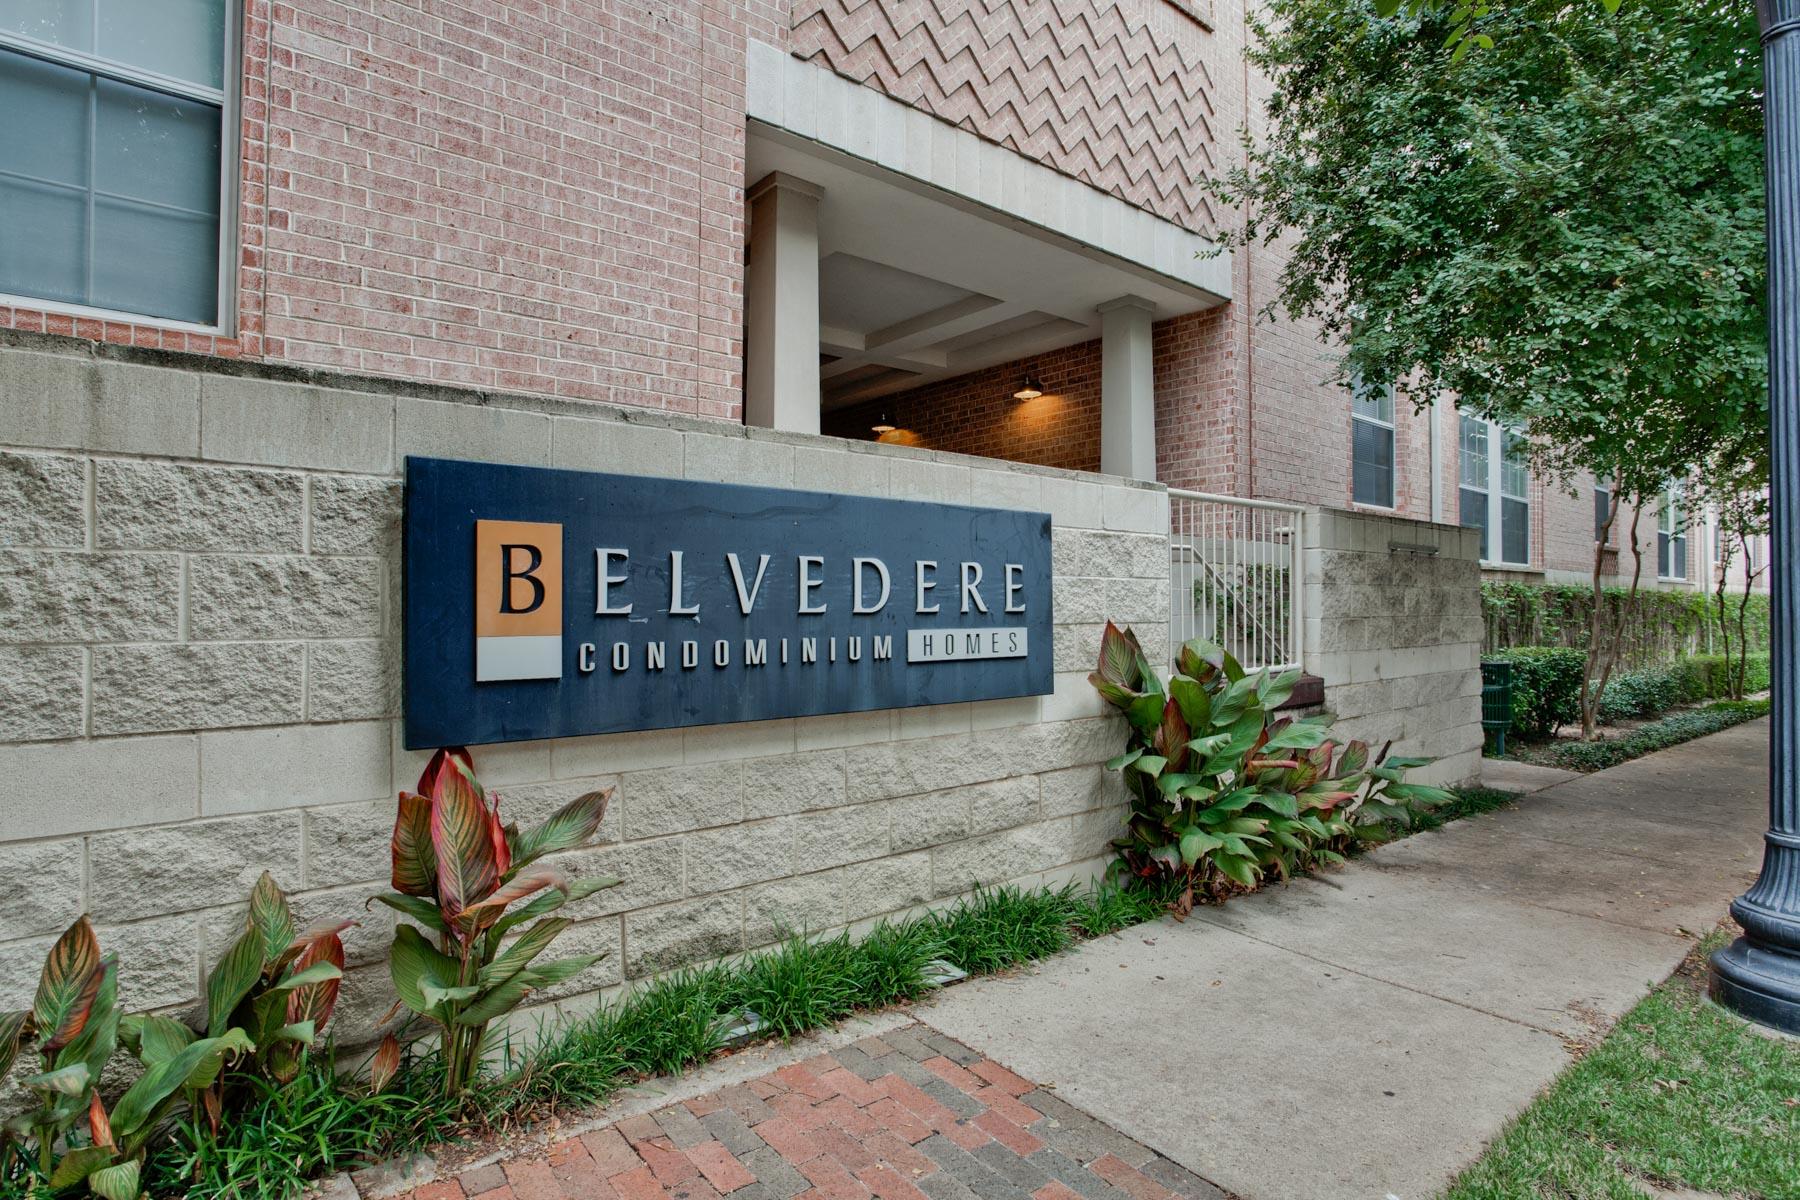 Condomínio para Venda às 2305 Worthington Street 223, Dallas 2305 Worthington St 223 Dallas, Texas, 75204 Estados Unidos